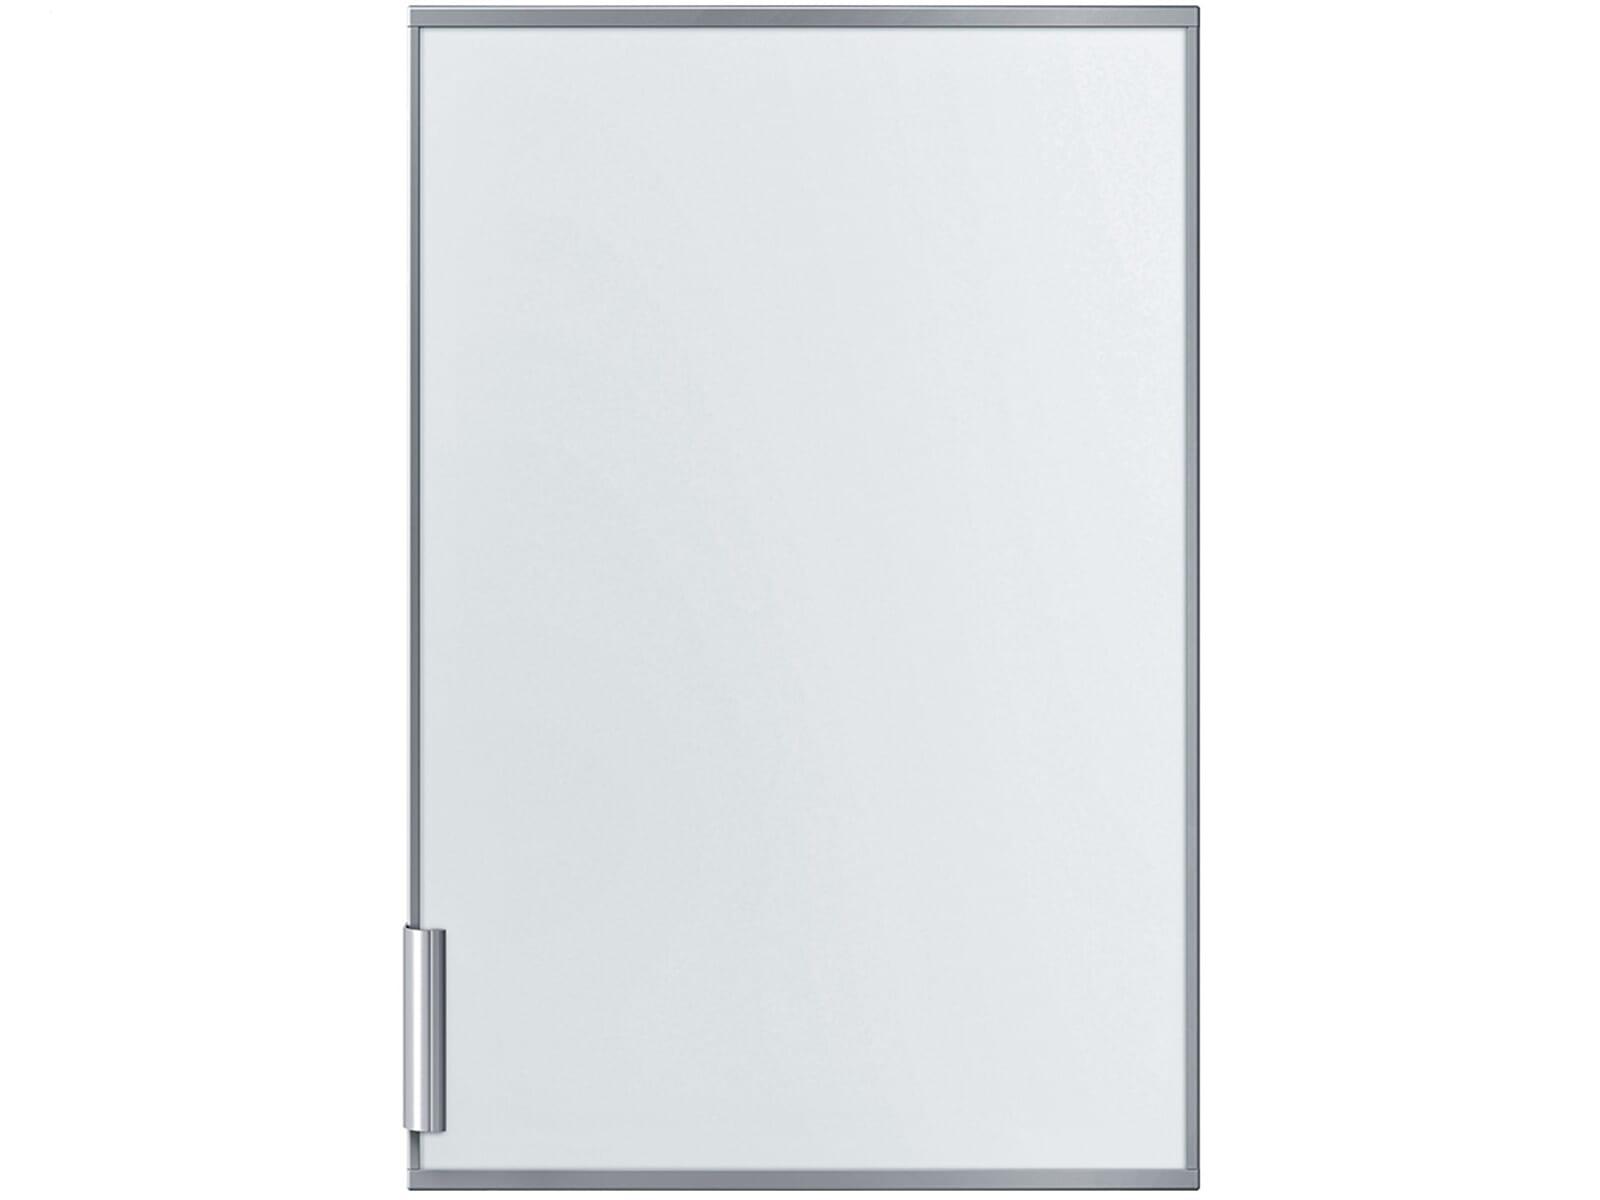 Bosch Kühlschrank Einbau : Bosch kfr vf set bosch einbaukühlschrank kir vf bosch